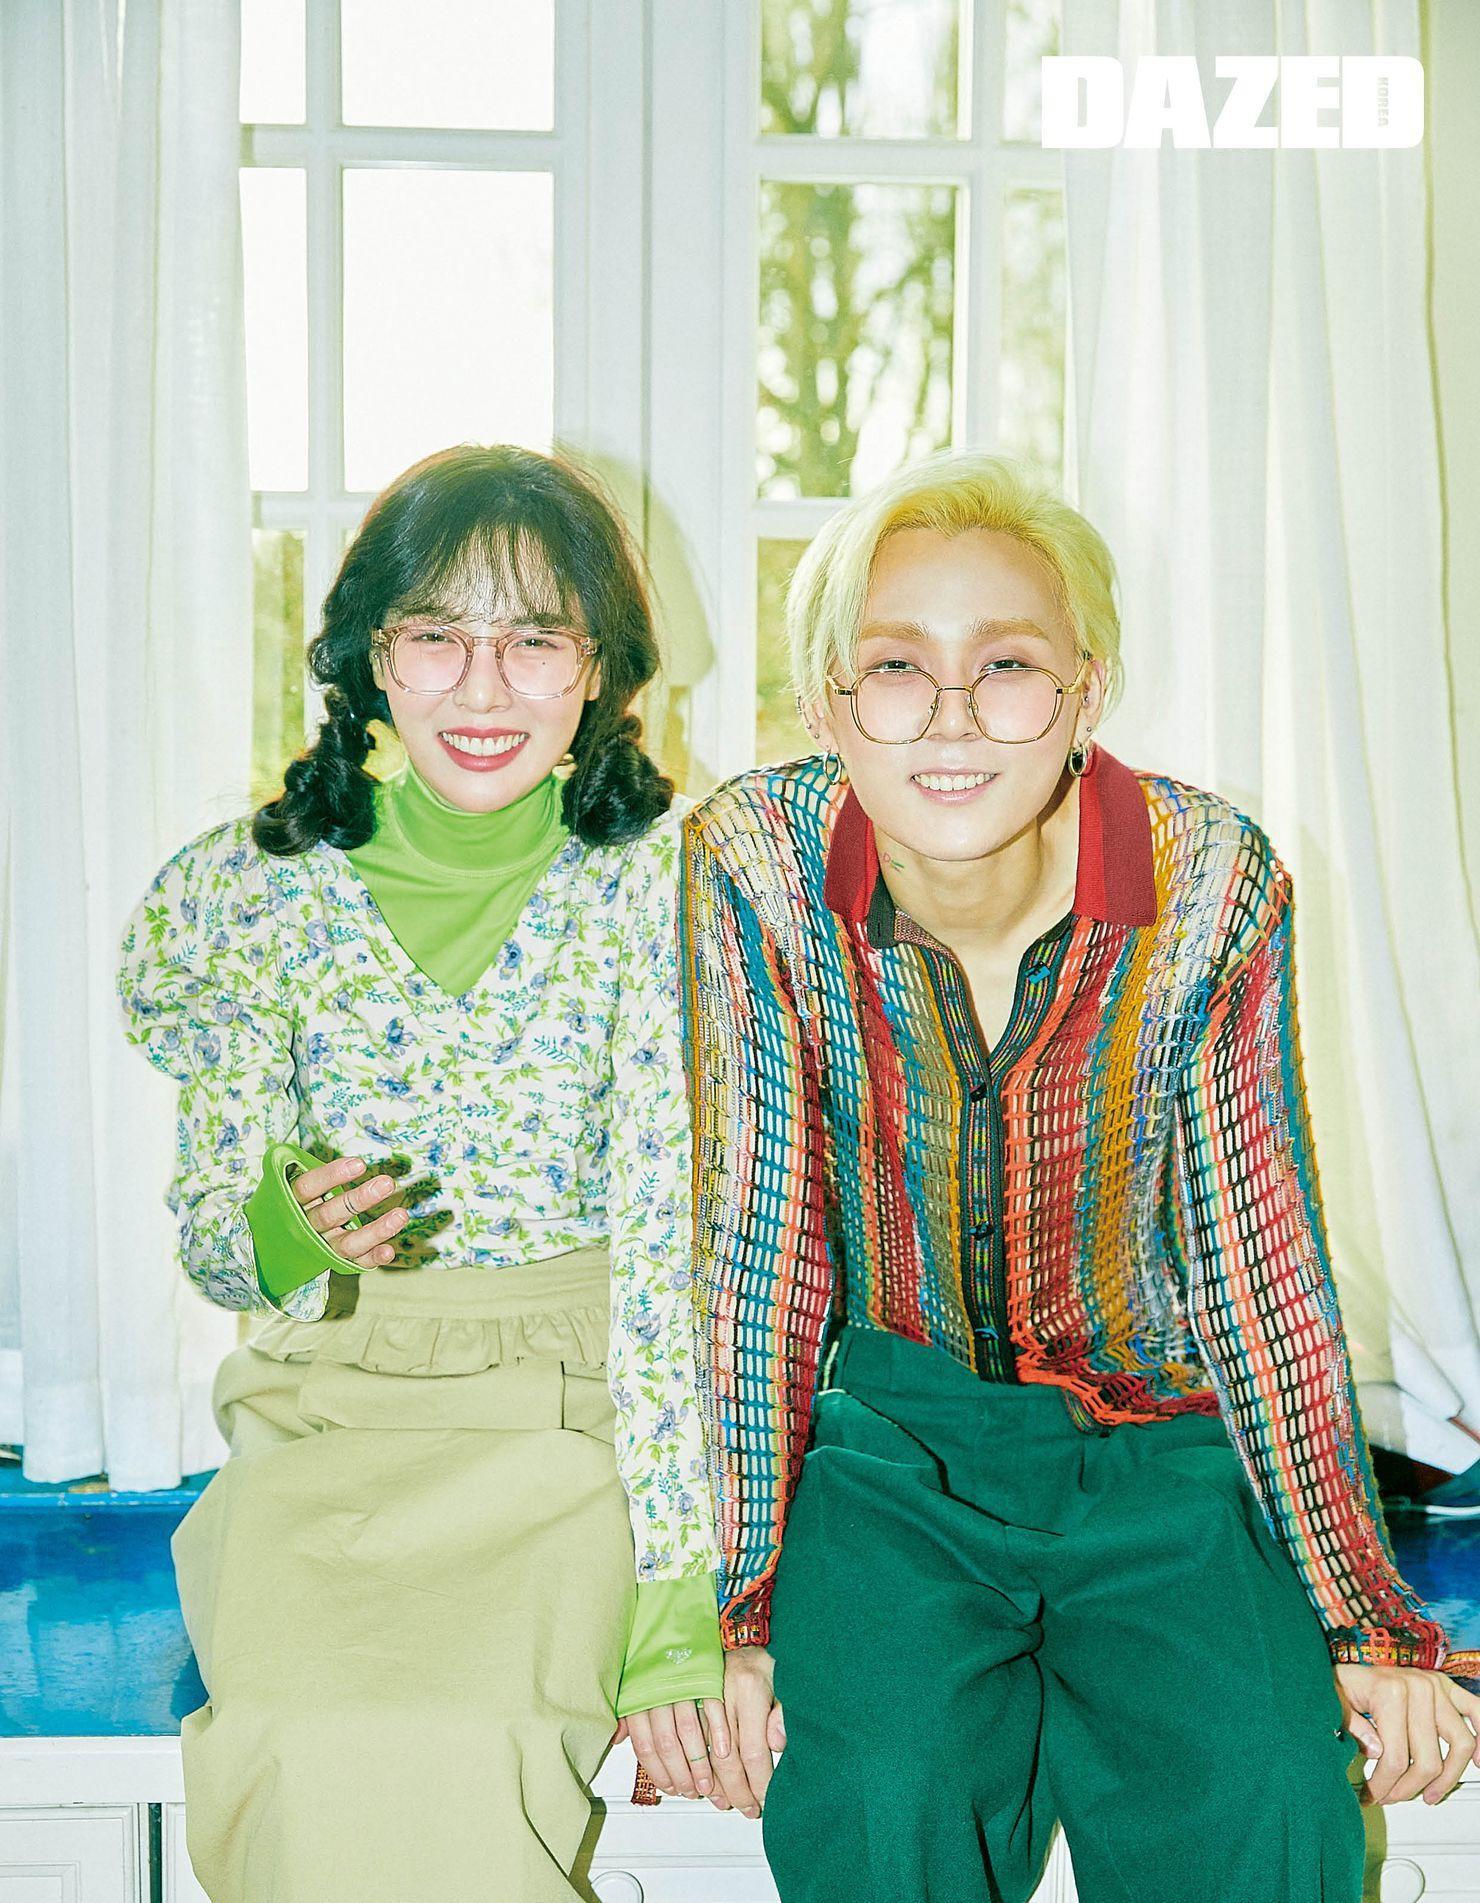 Cặp đôi lố nhất nhì Kbiz Hyuna và EDawn tung ảnh tạp chí gây sốc: Cảnh giới nghệ thuật... không ai muốn hiểu - Ảnh 4.